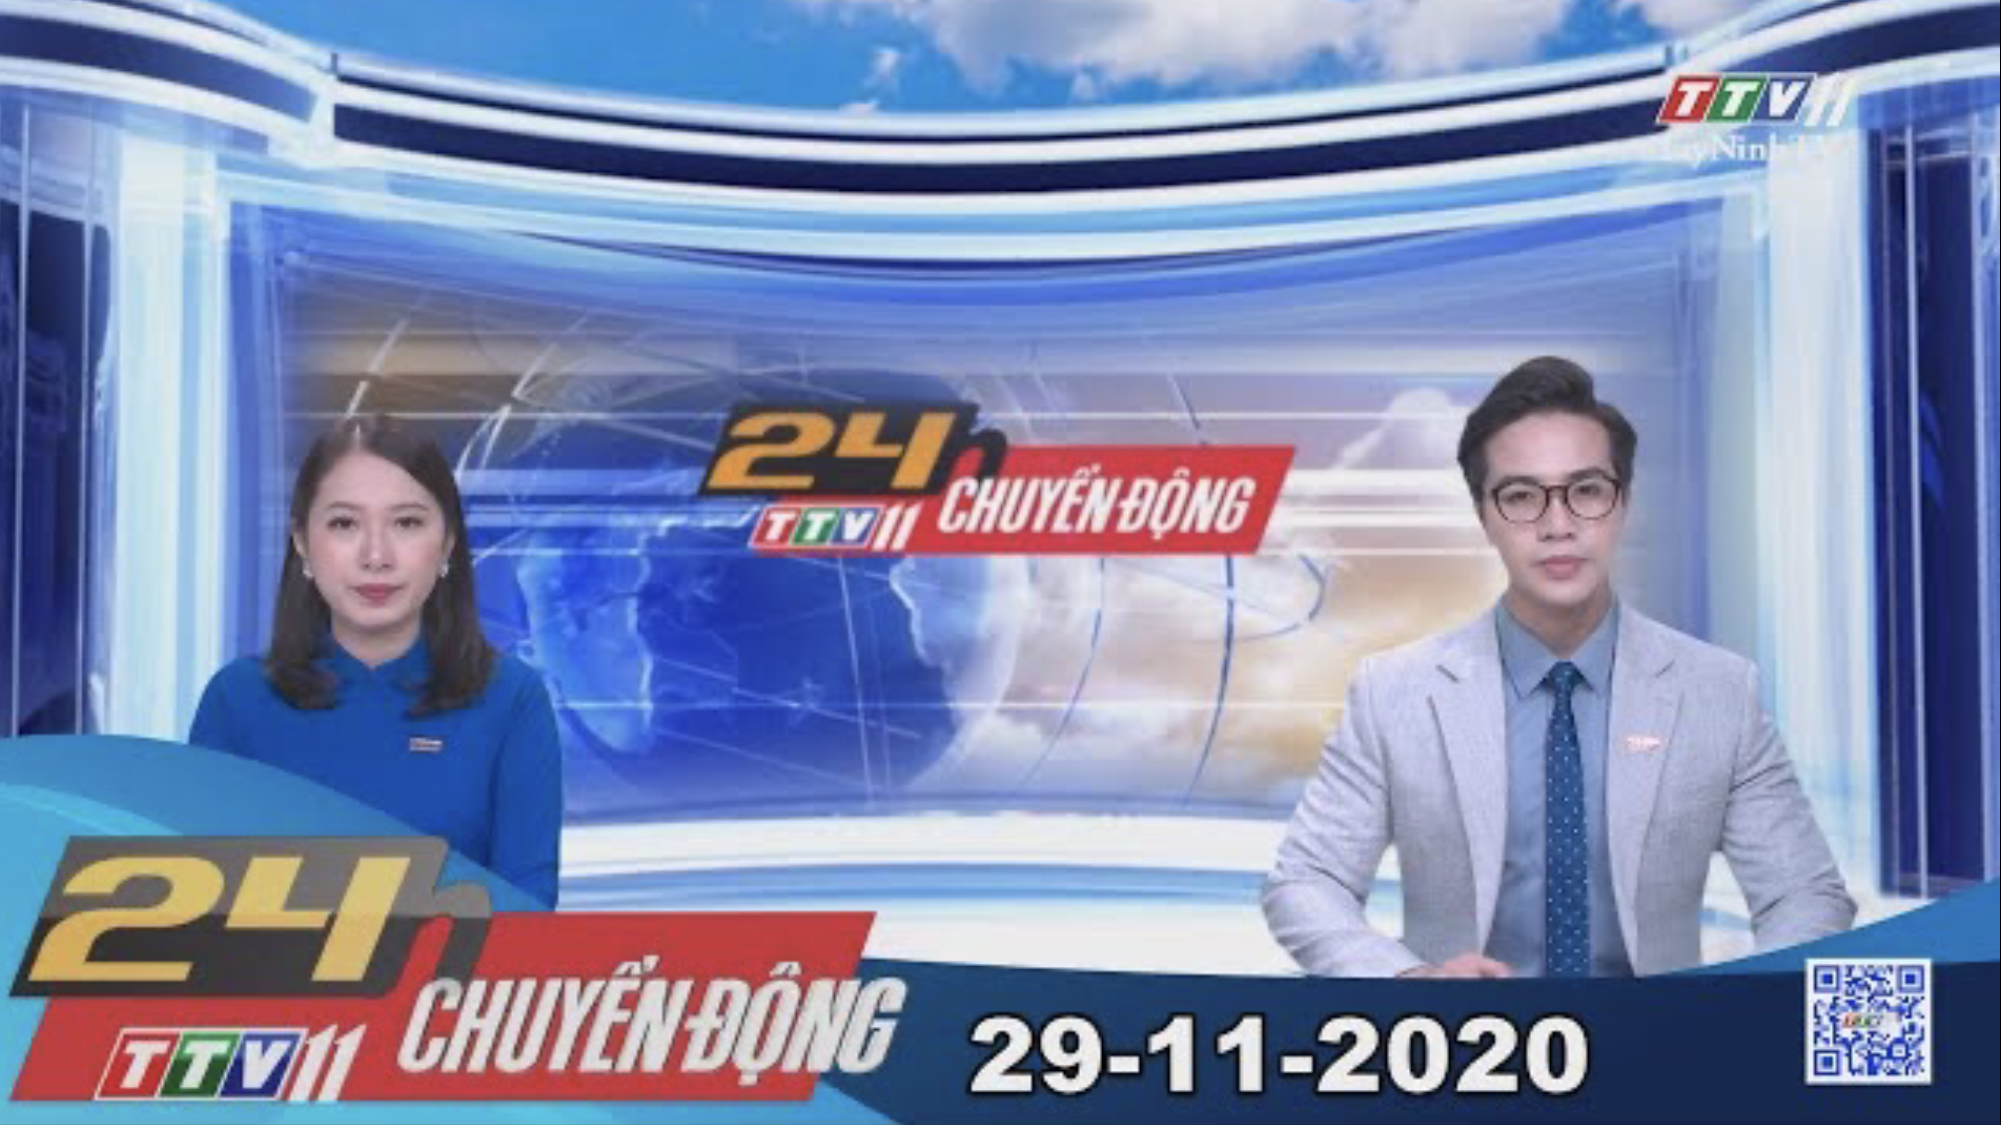 24h Chuyển động 29-11-2020 | Tin tức hôm nay | TayNinhTV